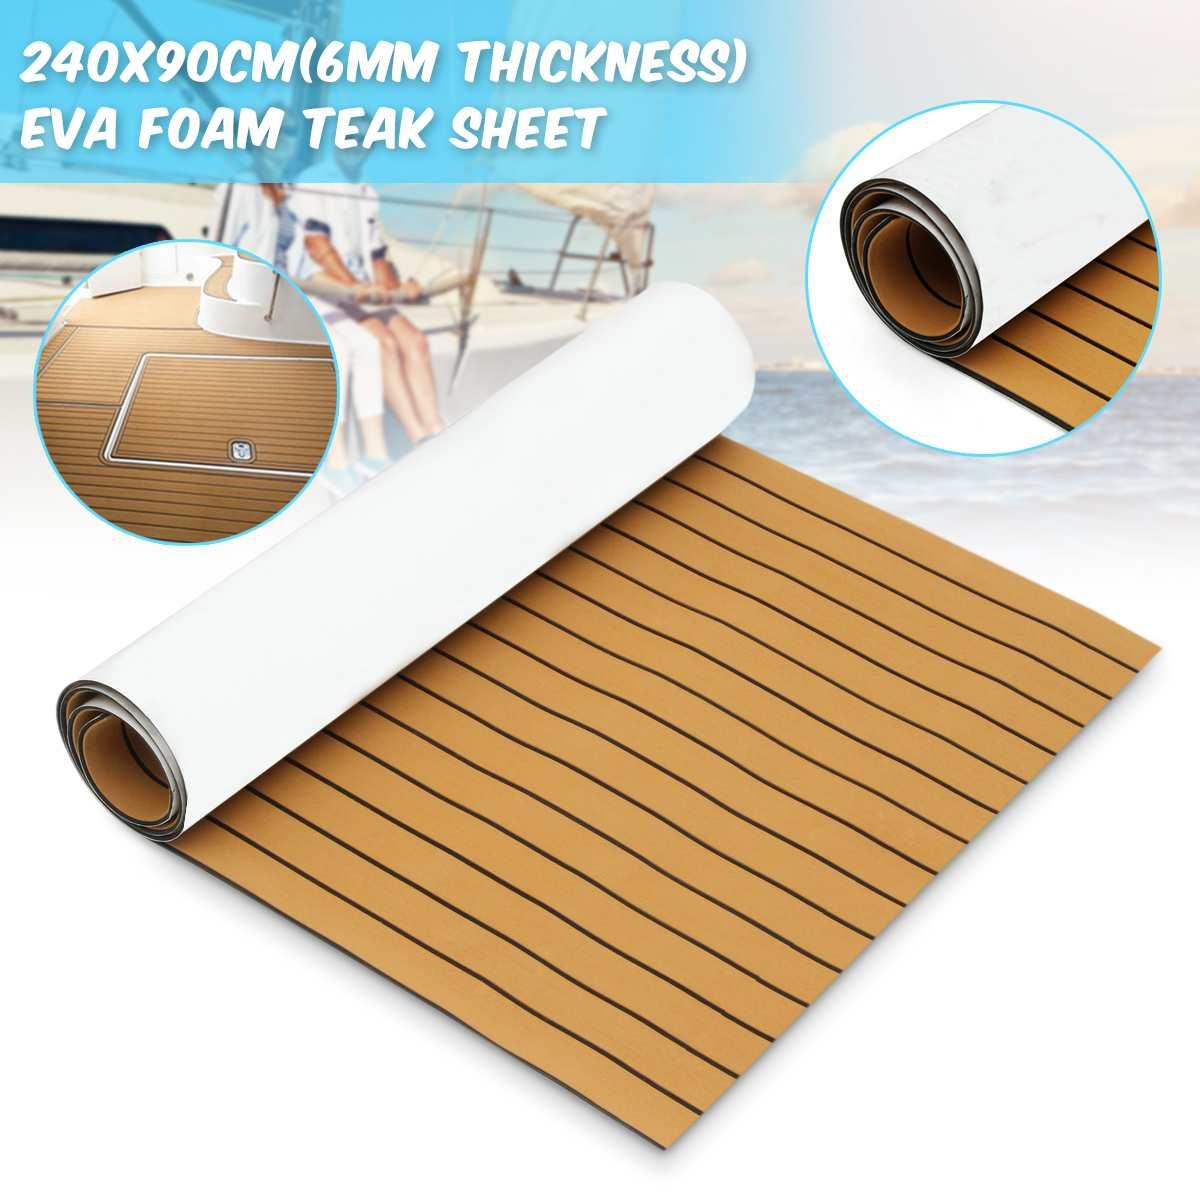 Auto-adhésif 2400x900x5.5mm or avec mousse noire EVA teck bateau plancher feuille Yacht teck synthétique platelage Pad